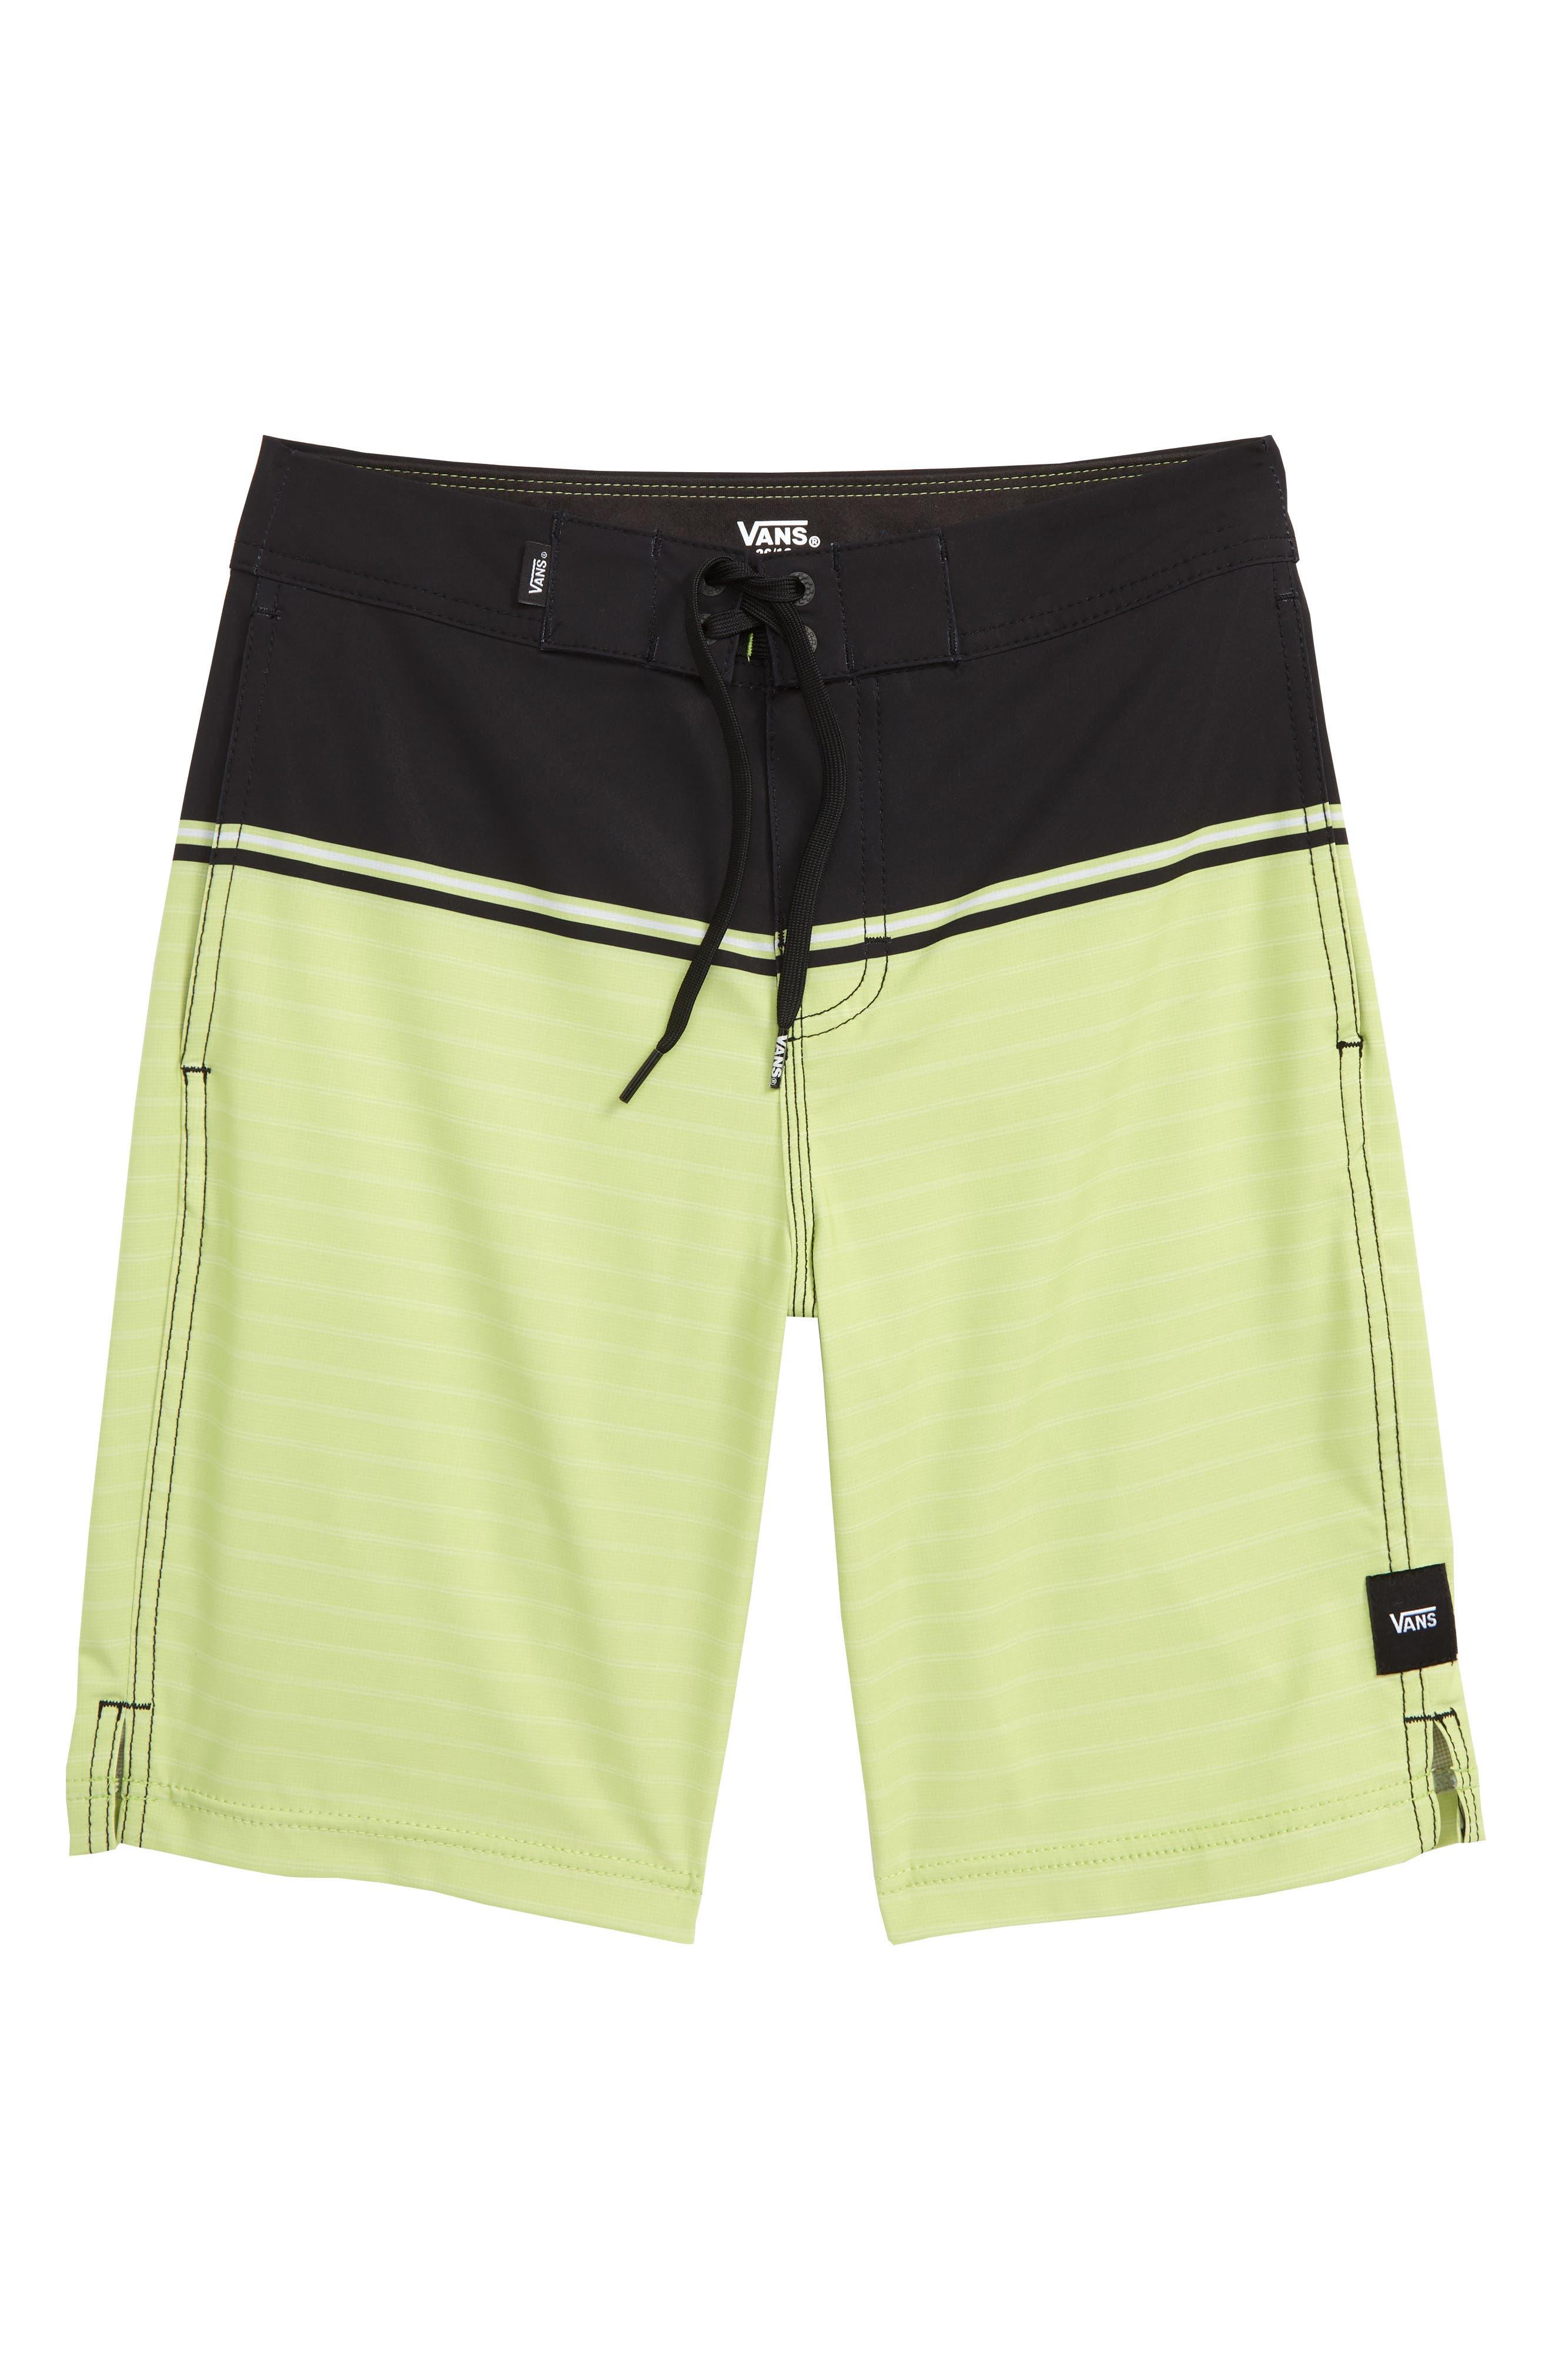 VANS,                             Newland Board Shorts,                             Main thumbnail 1, color,                             BLACK/ SUNNY LIME